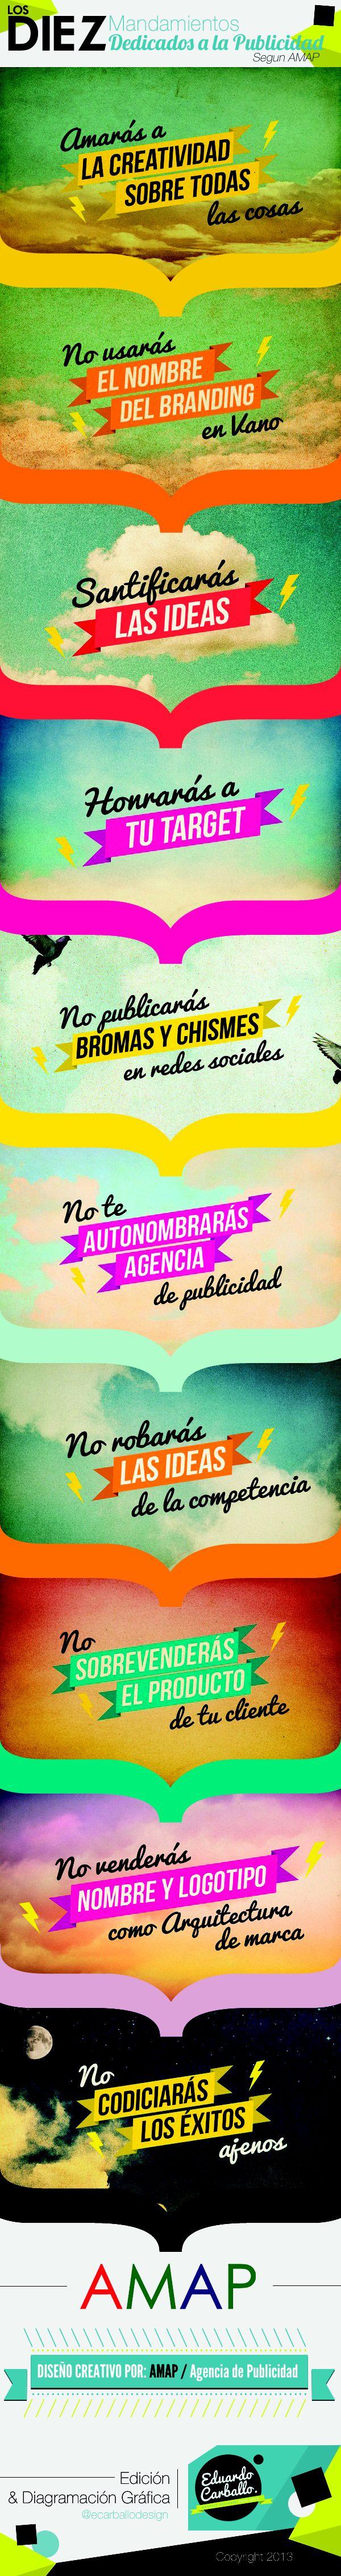 Edición & Diagramacion sobre diseño creativo realizado por la Agencia de Publicidad #AMAP  #10MandamientosDedicadosParaPublicidad  Copyrigth 2013